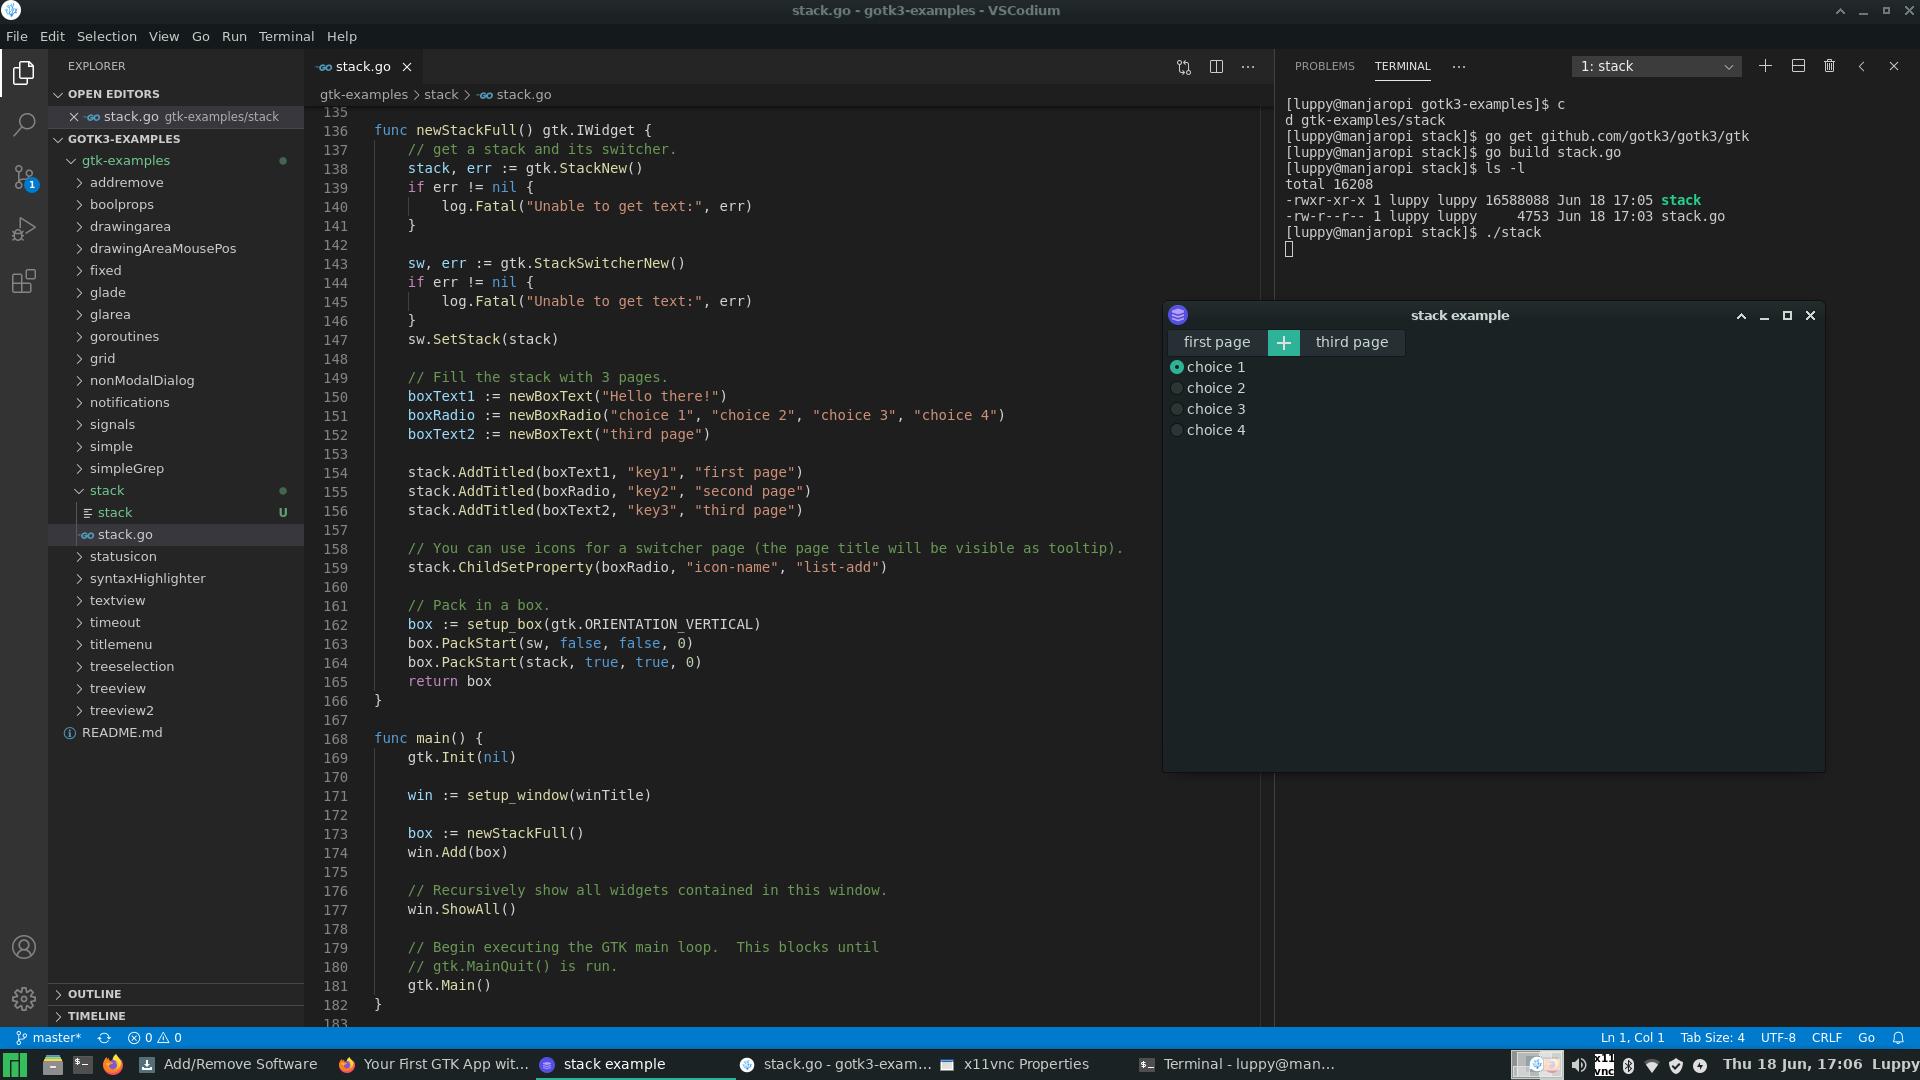 GTK+3 Go App with VSCodium and Manjaro Xfce 64-bit on Raspberry Pi 4 with 4 GB RAM